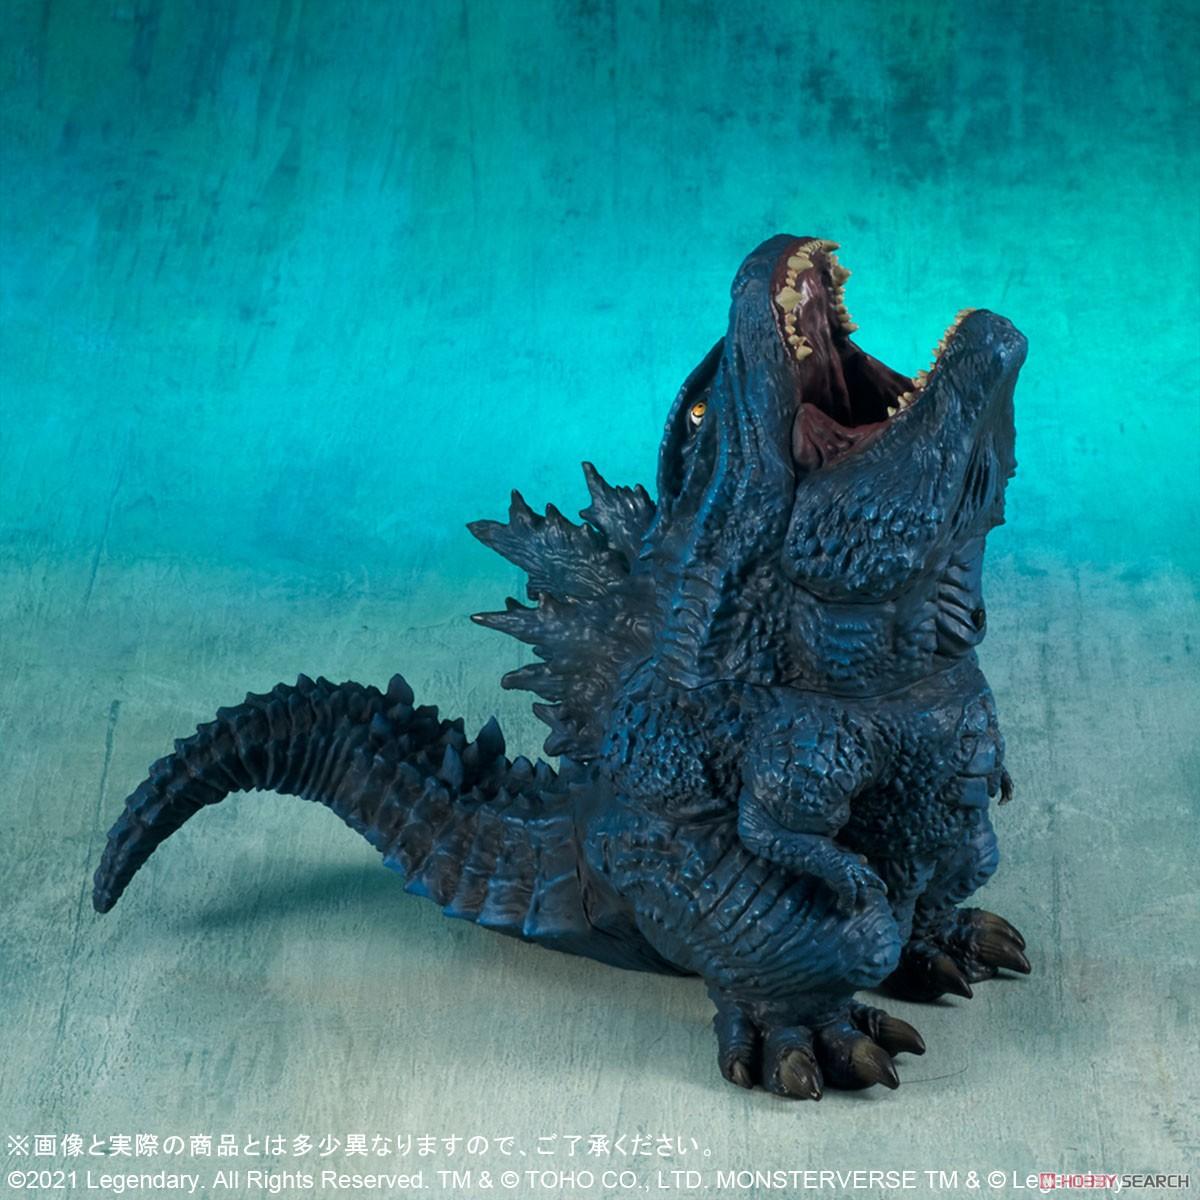 デフォリアル SFX『ゴジラ(2019)』キング・オブ・モンスターズ 完成品フィギュア-003